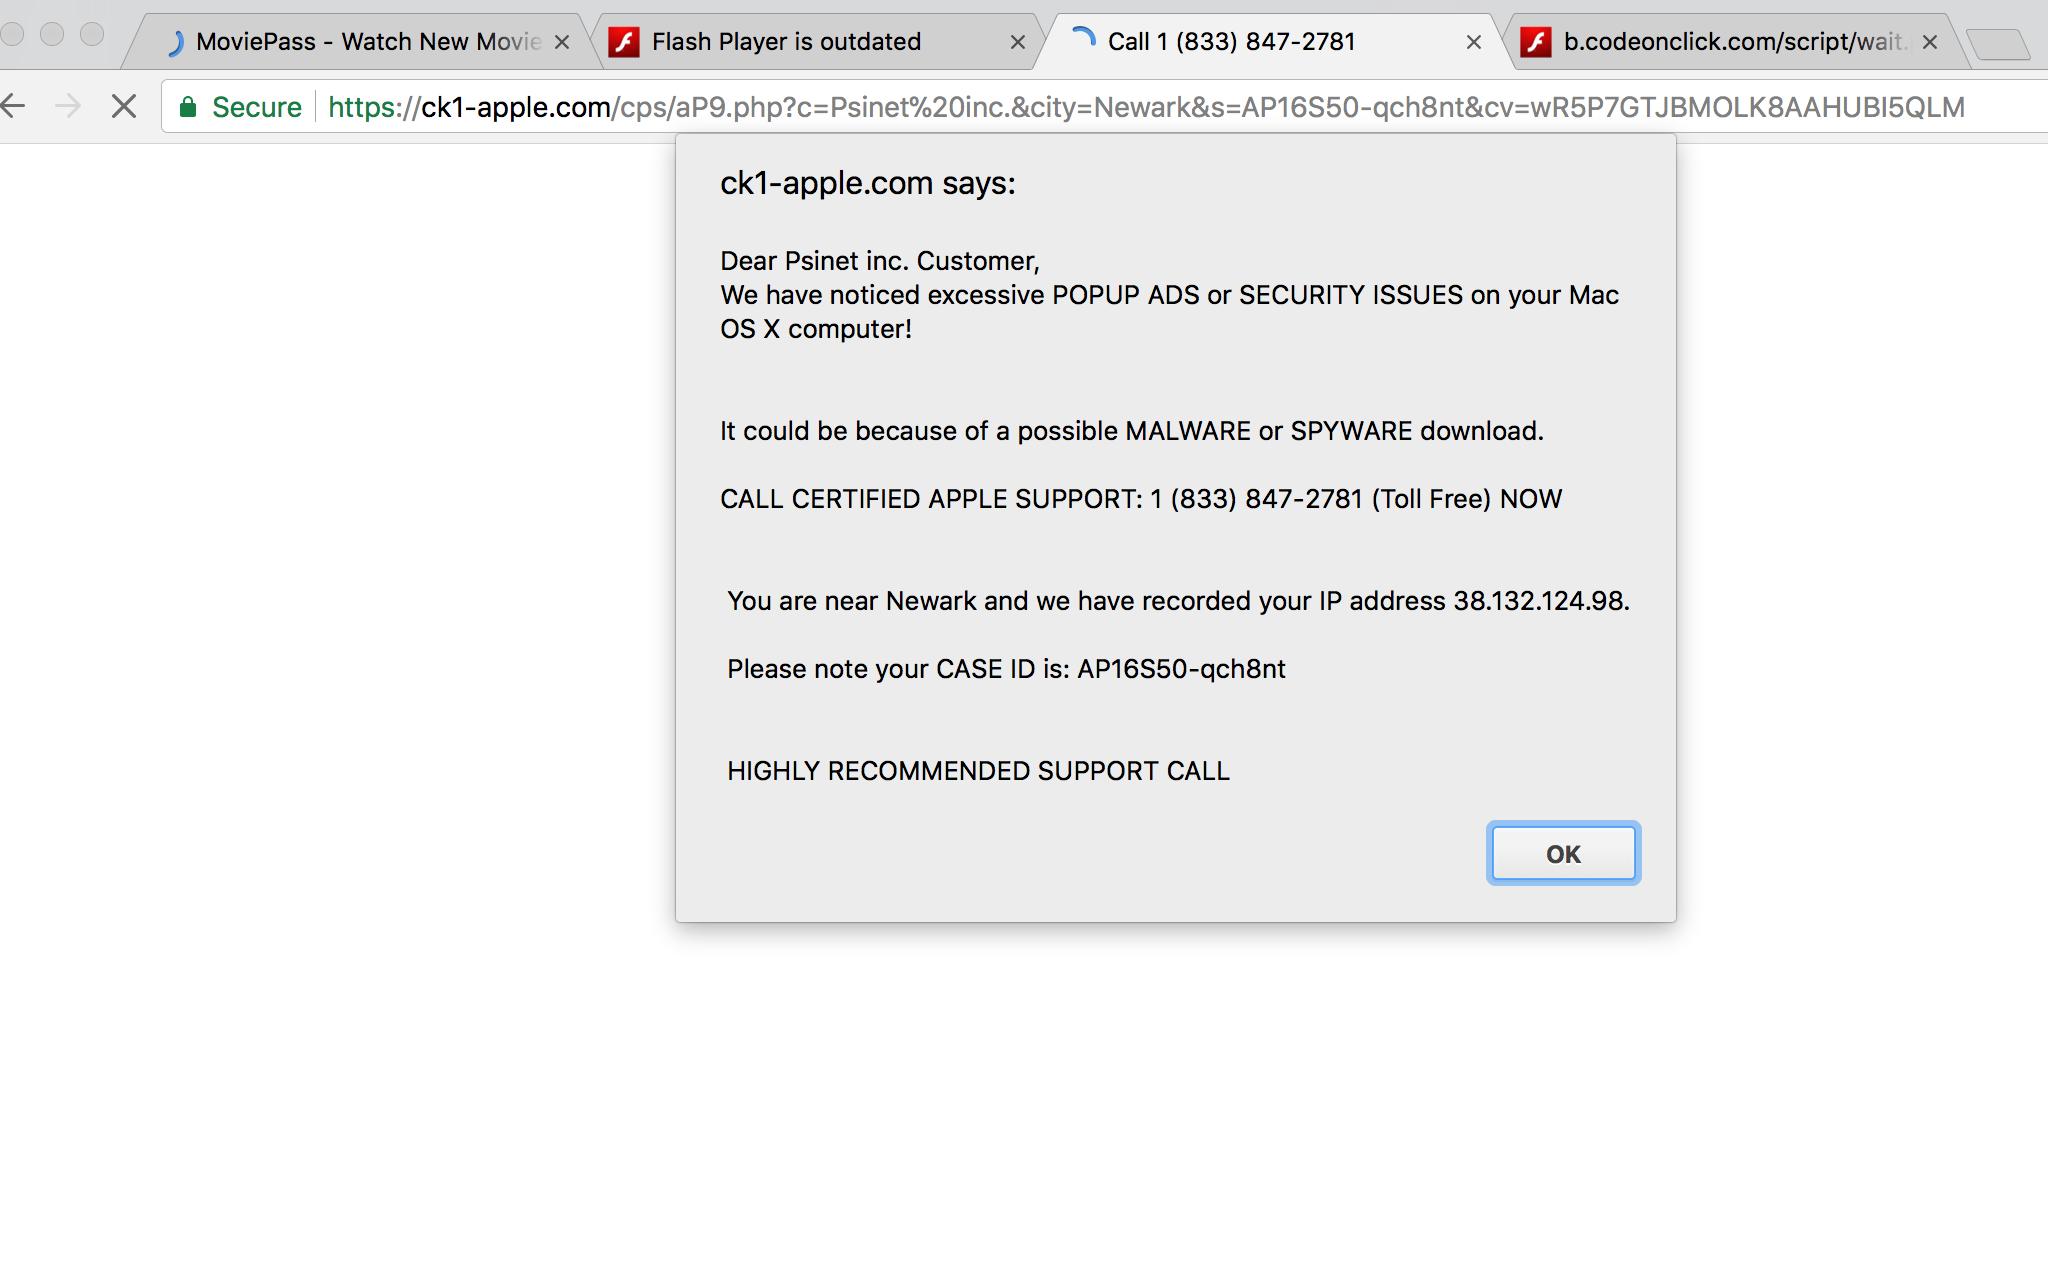 Ck1-apple.com Call 1 (833) 847-2781 scam